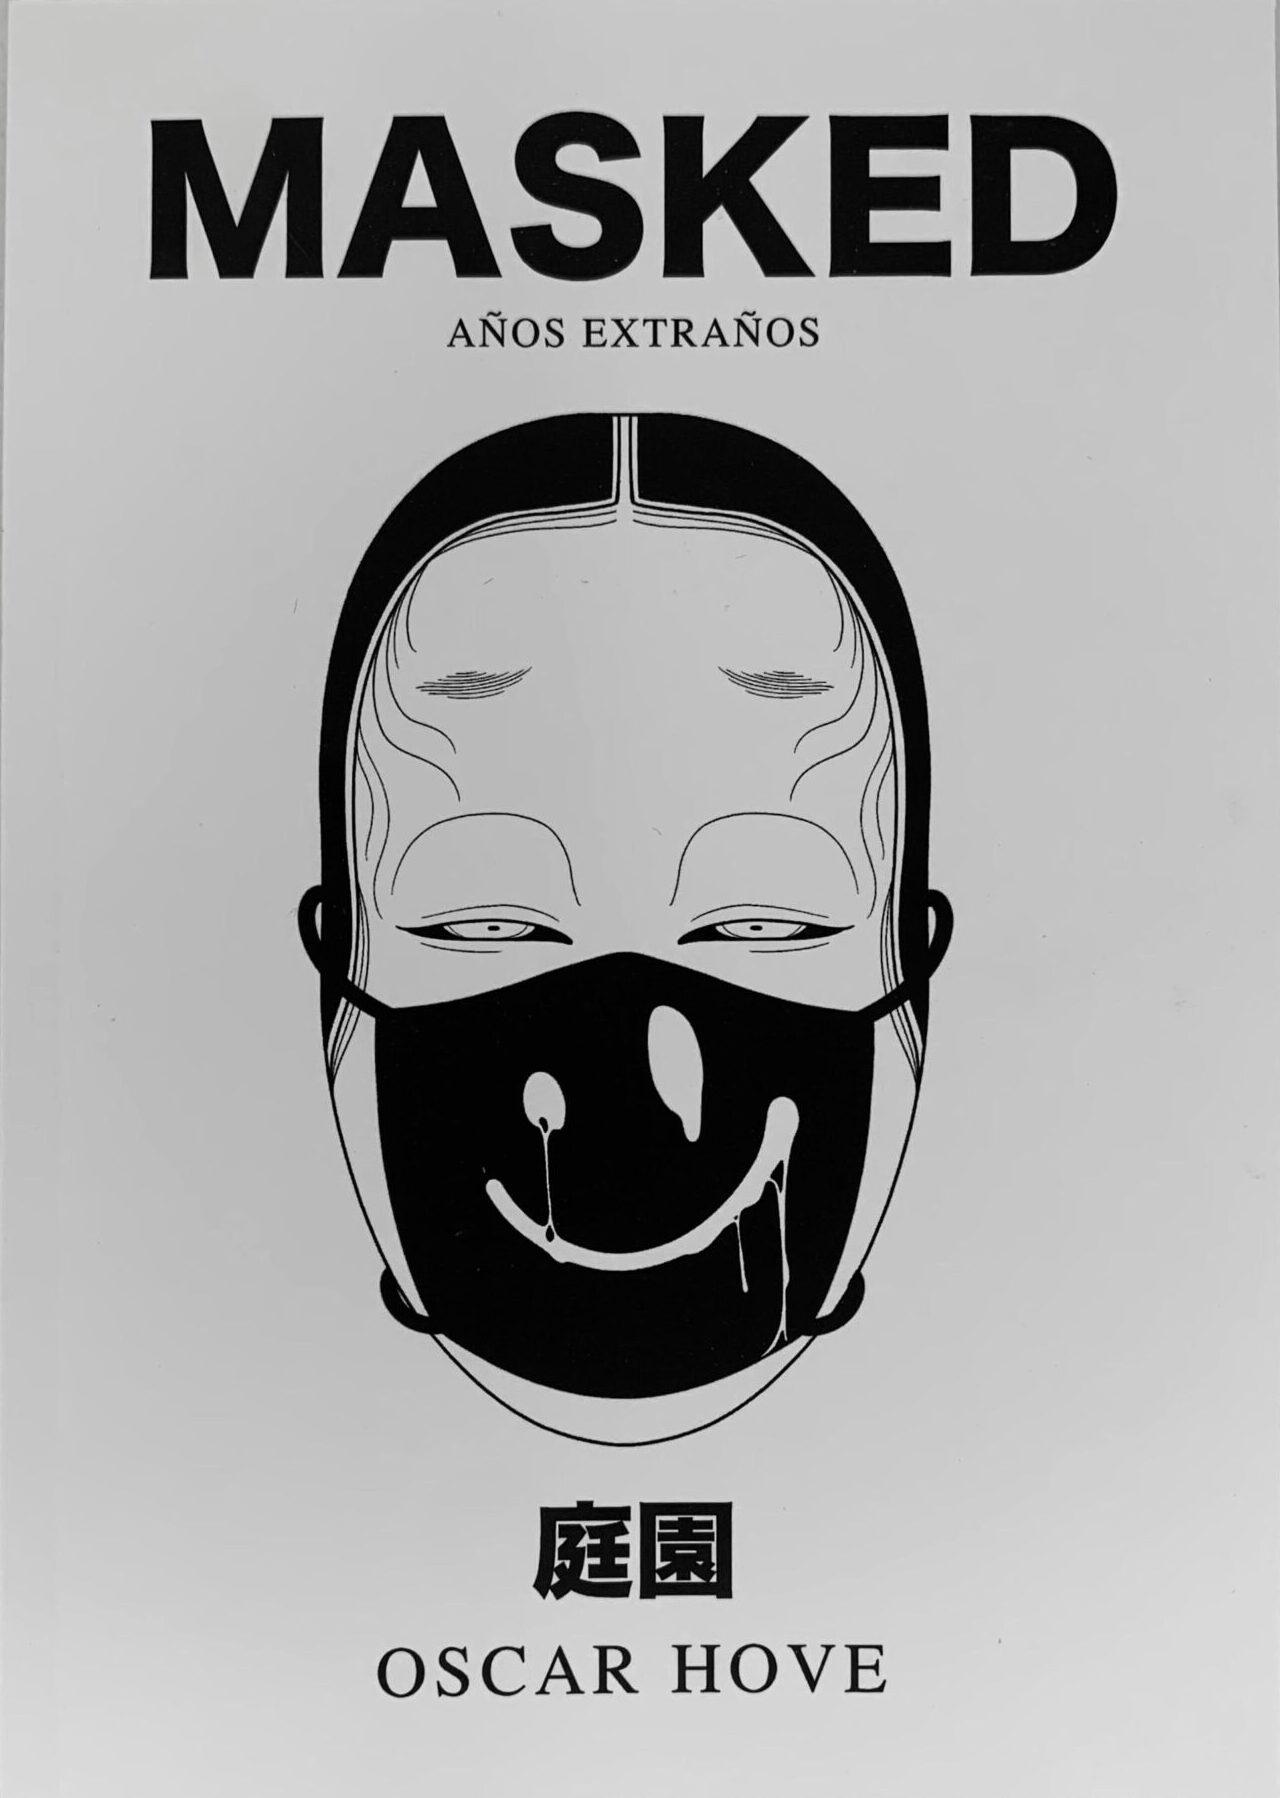 Masked: Años Extraños Book